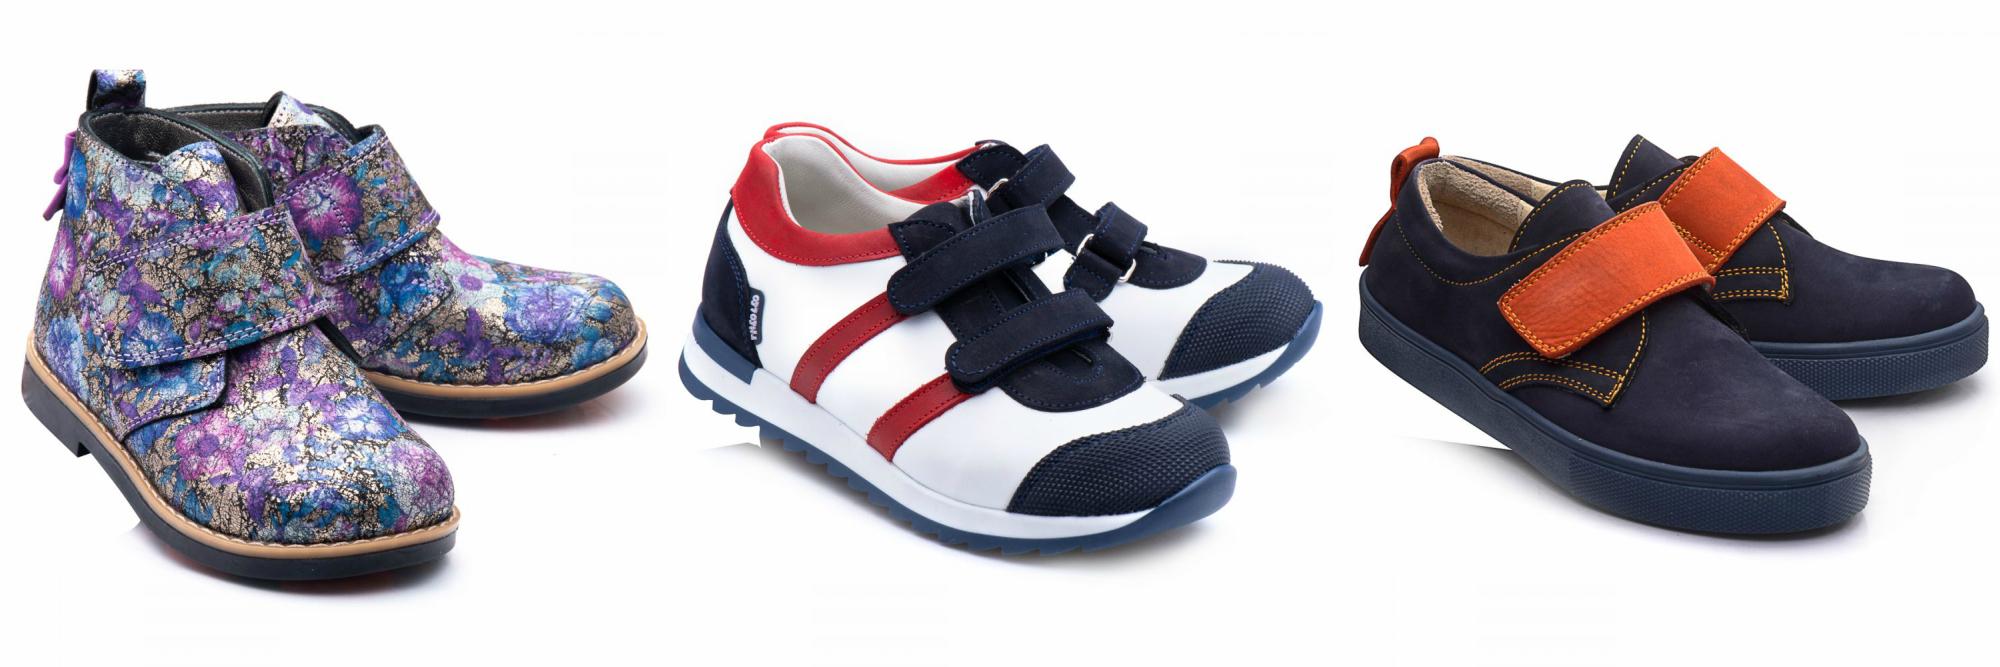 Варианты детской весенней обуви